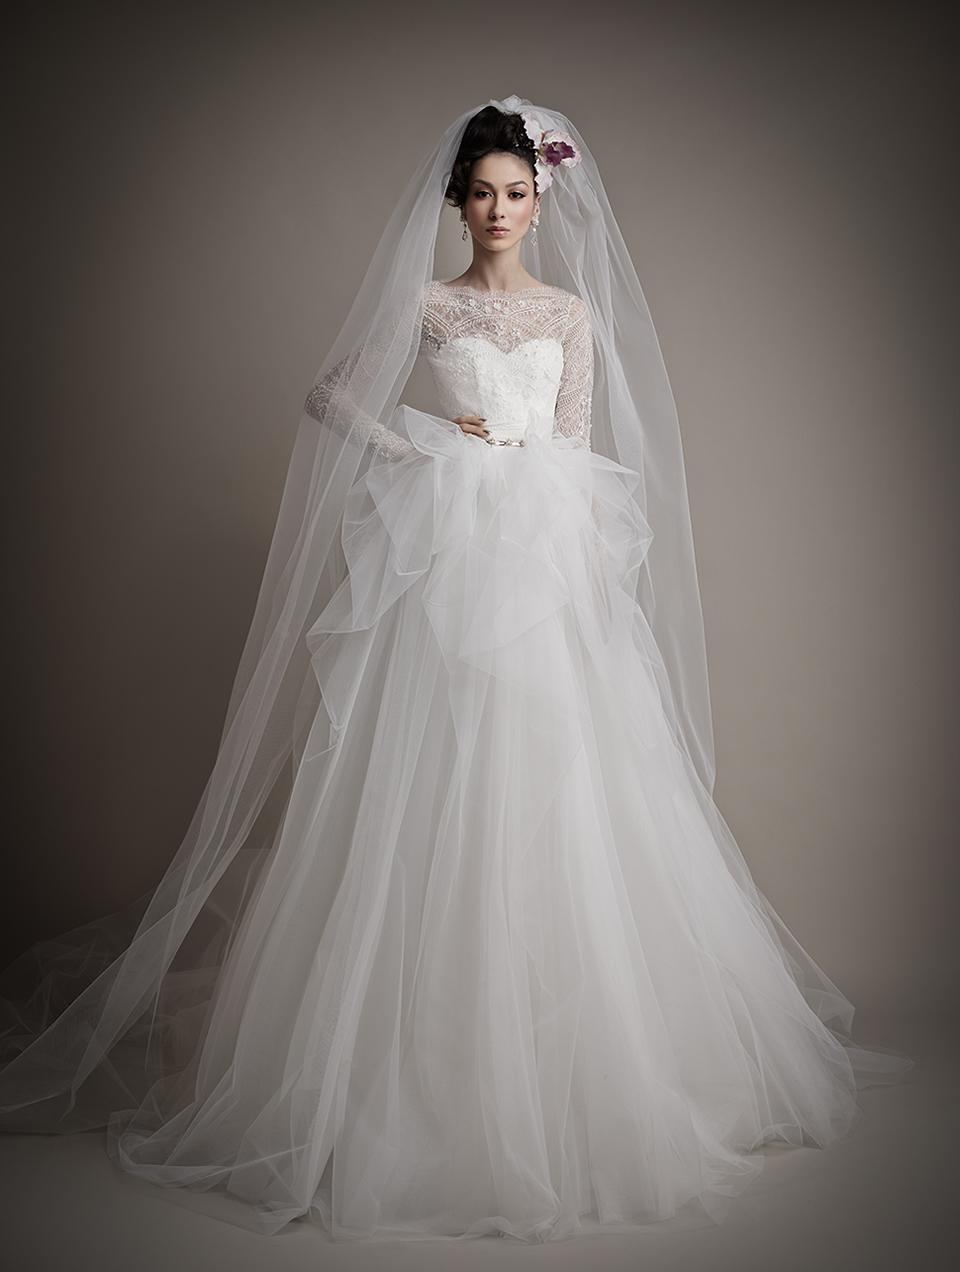 Коллекция свадебных платьев 2015 года от Ersa Atelier19